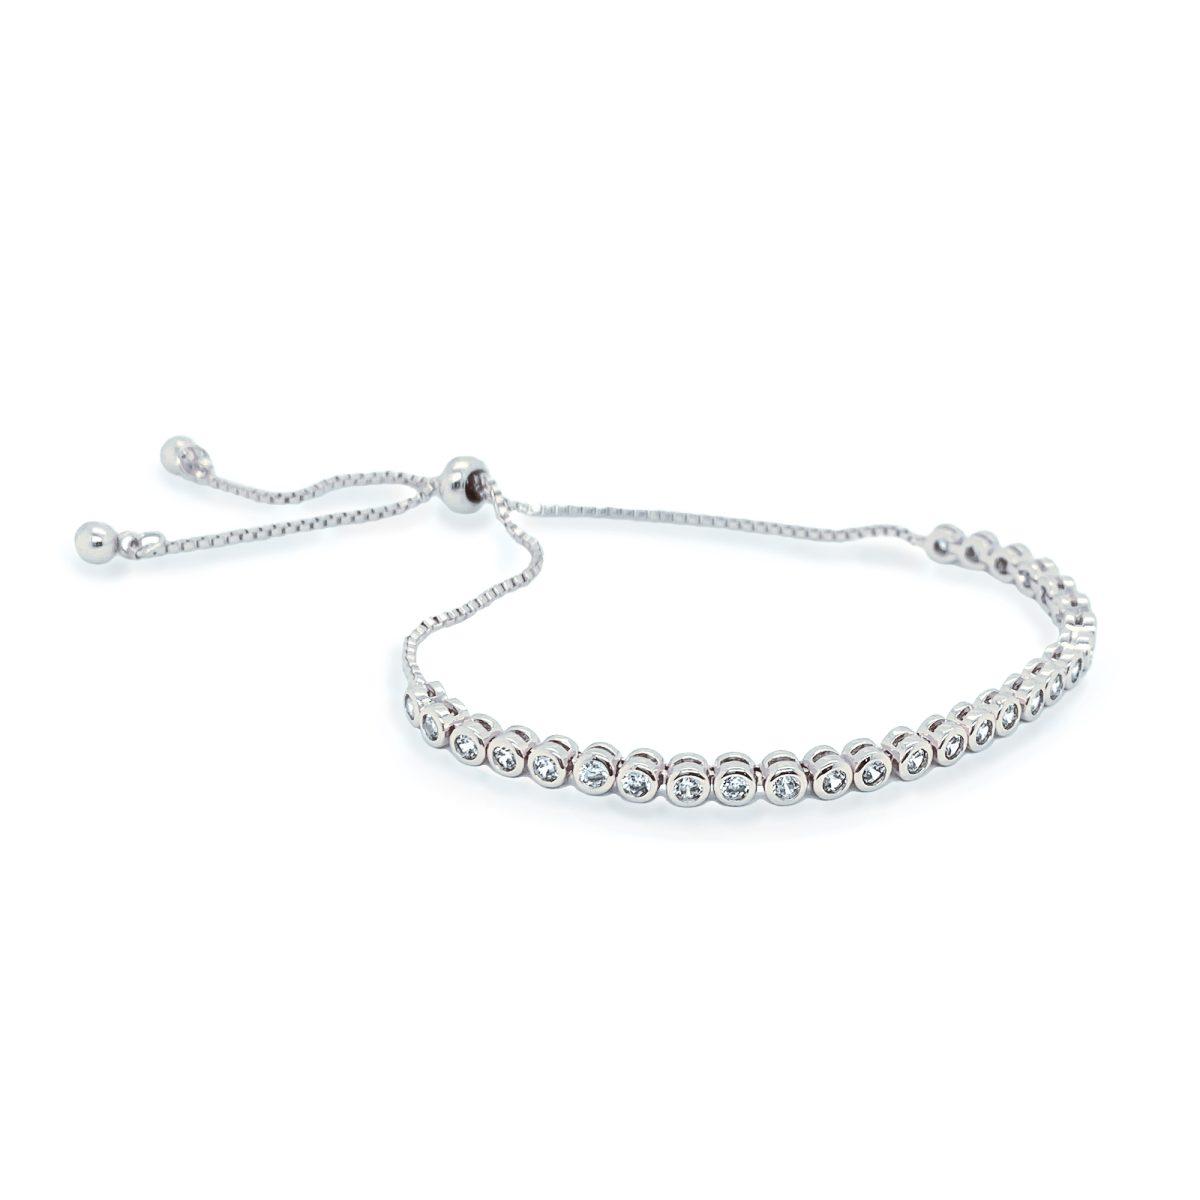 Ivory and Co Tivoli Bracelet - Silver 1